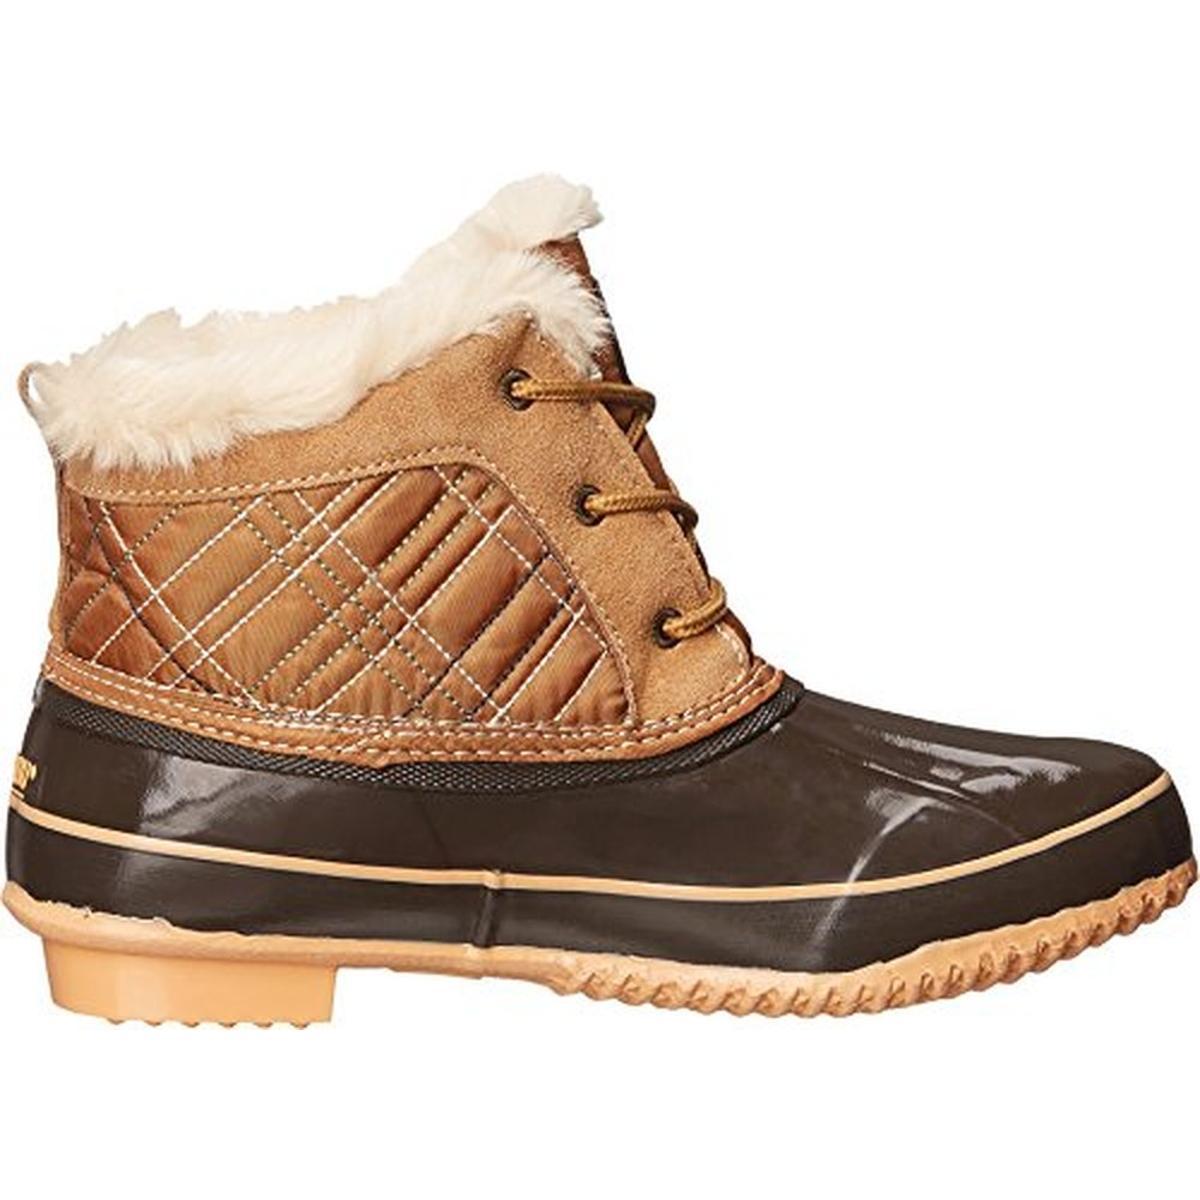 Khombu Shoes Womens Roost